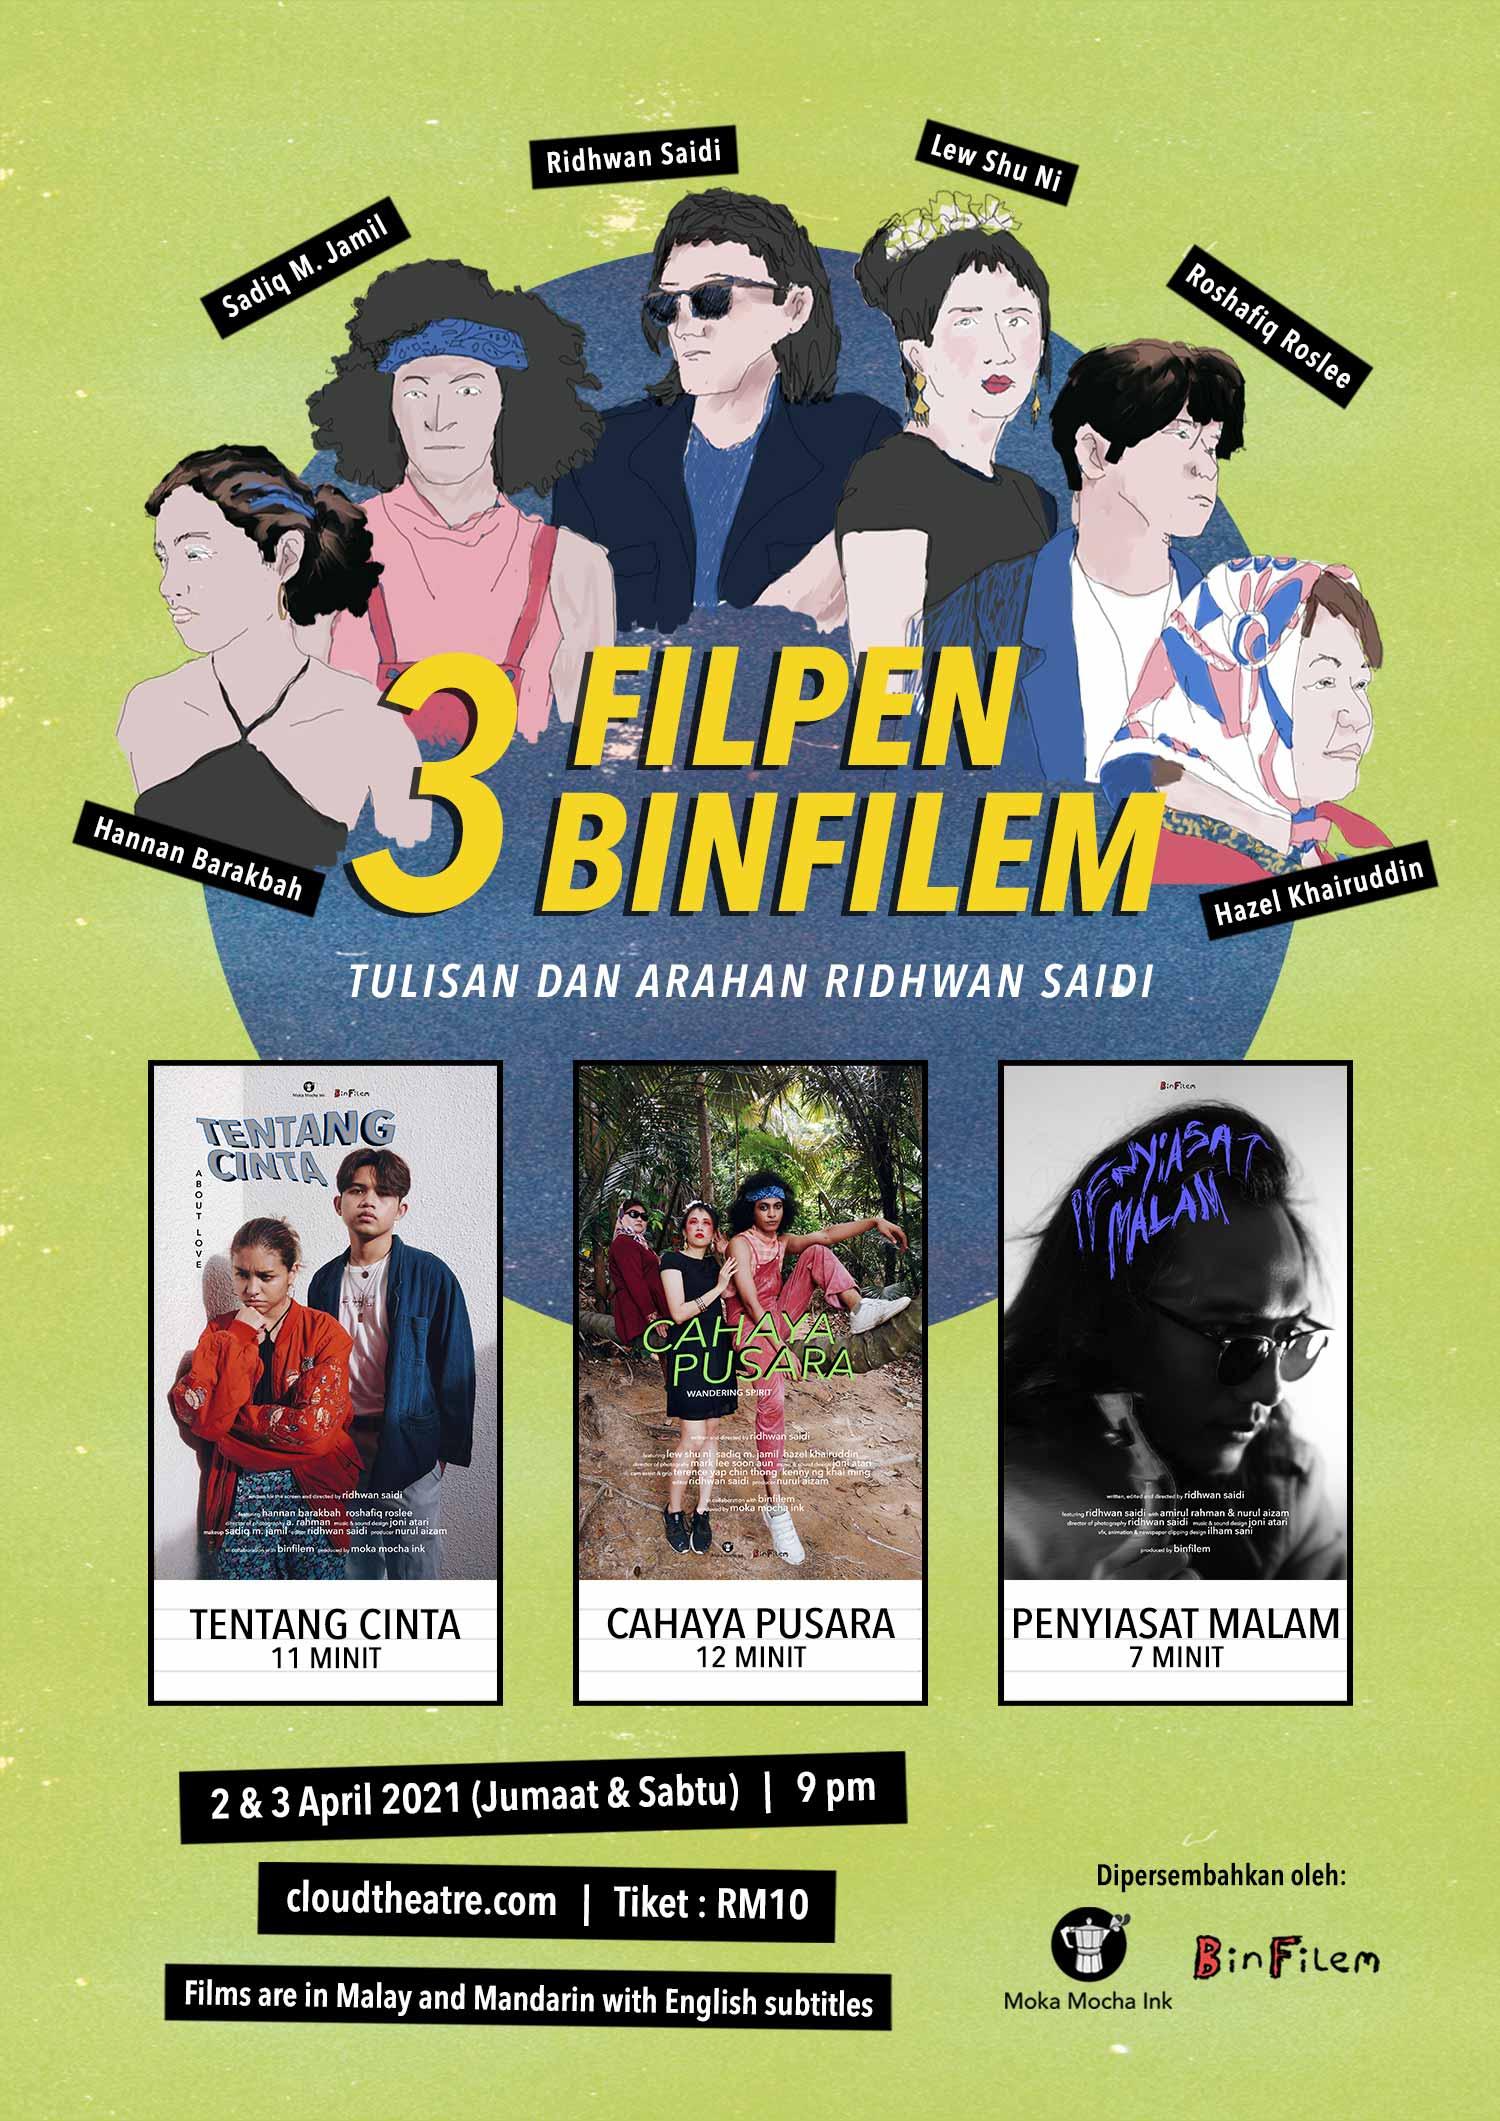 3 Filpen Binfilem